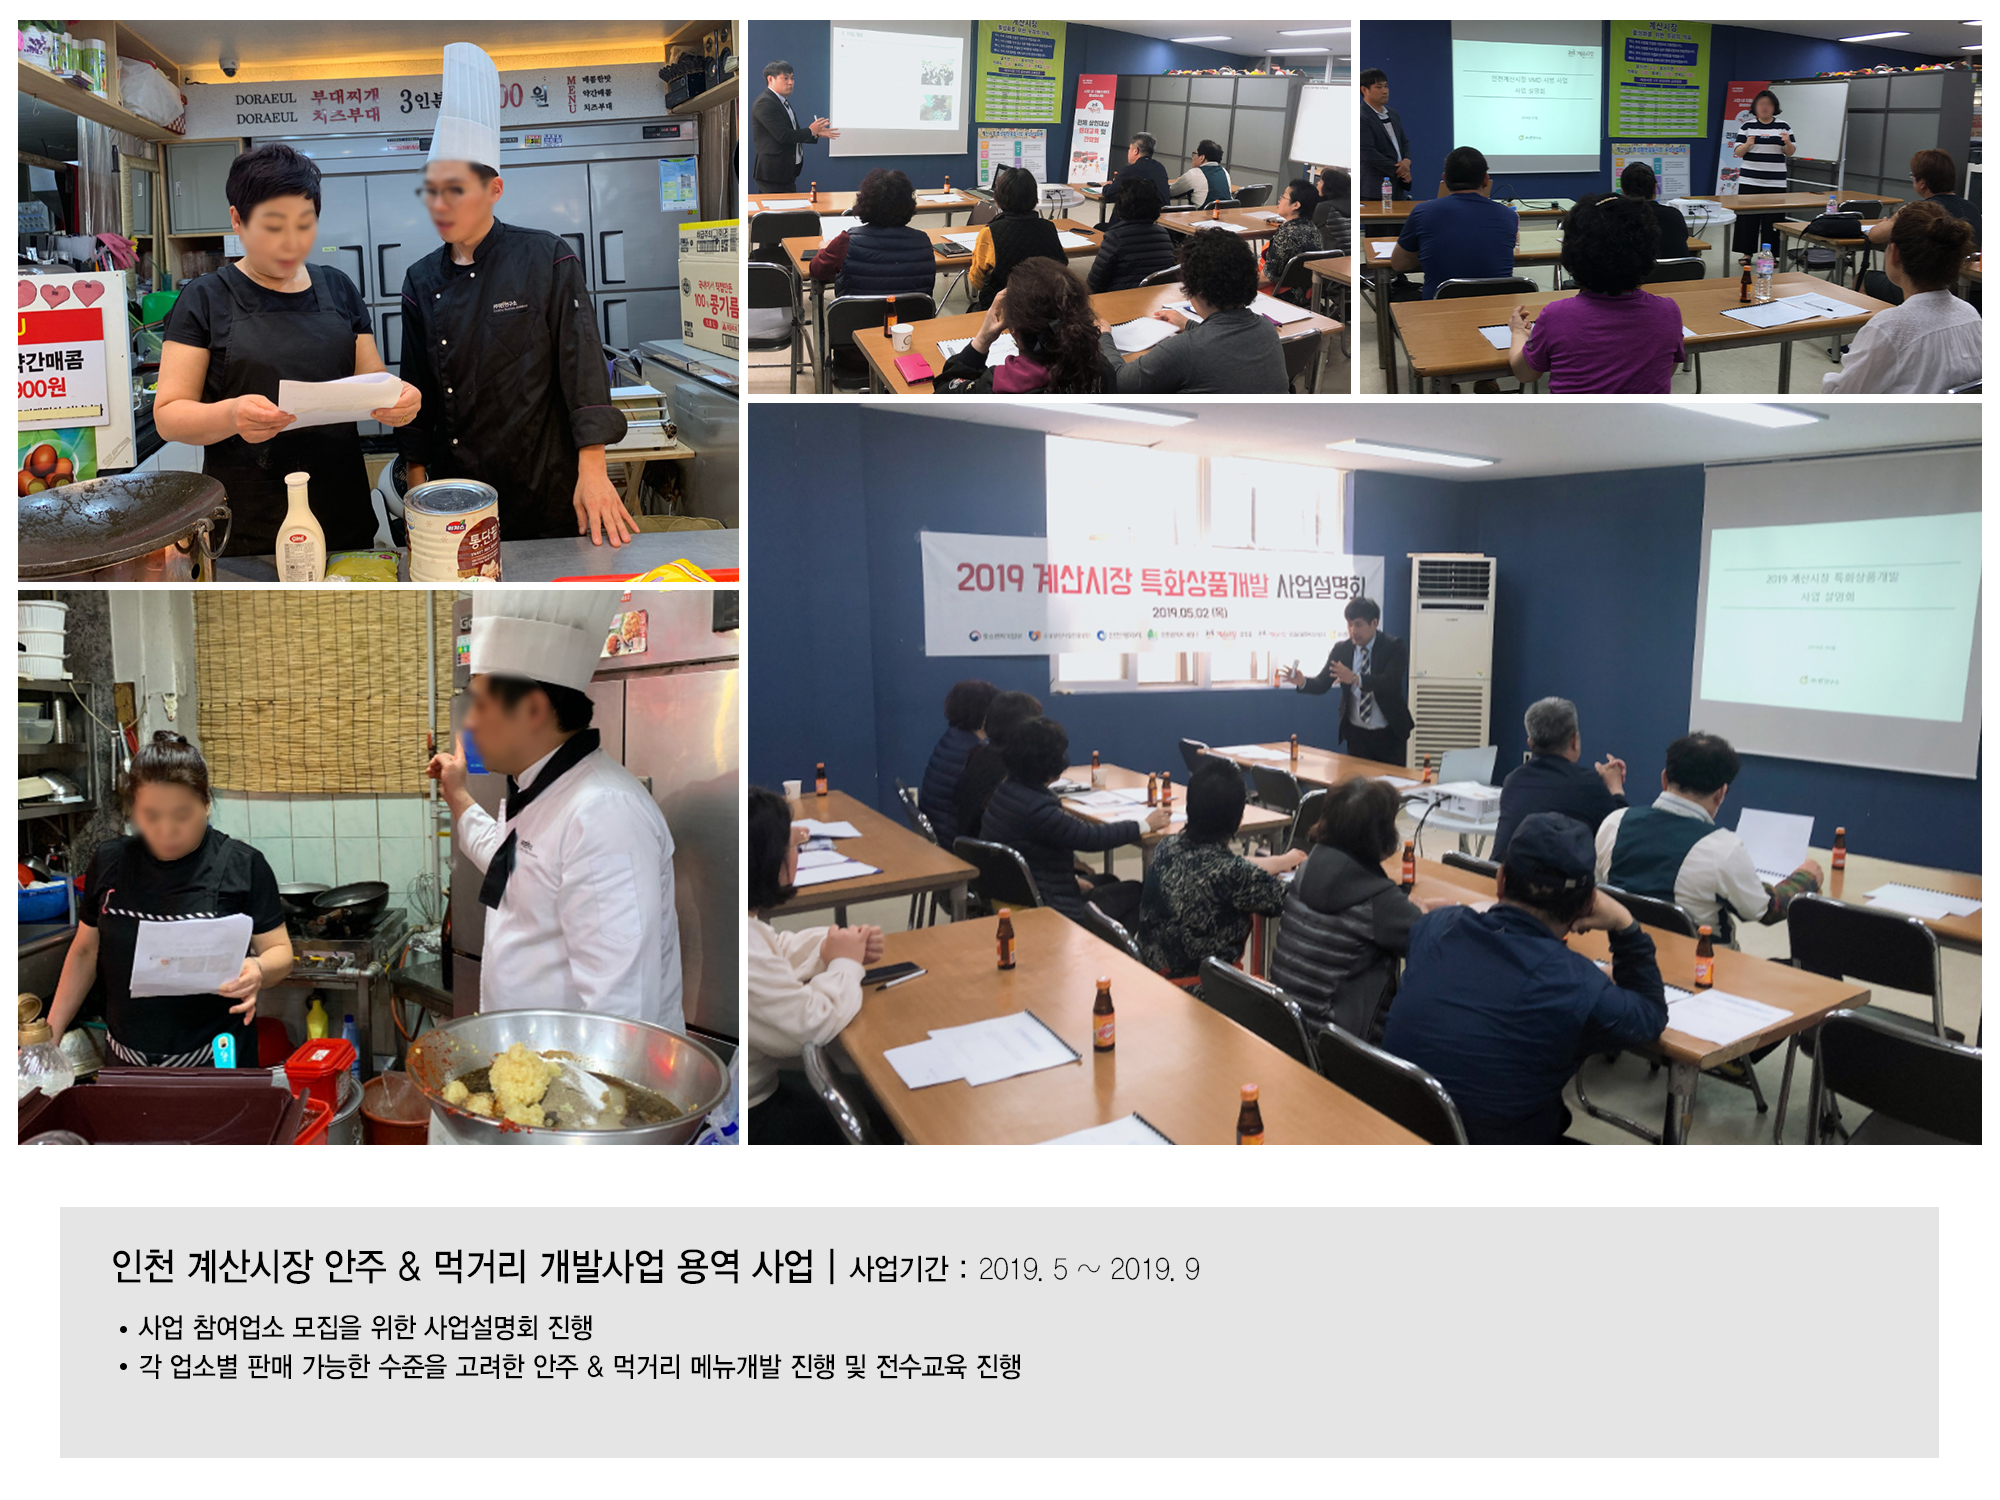 인천 계산시장 안주 & 먹거리 개발사업 용역.jpg